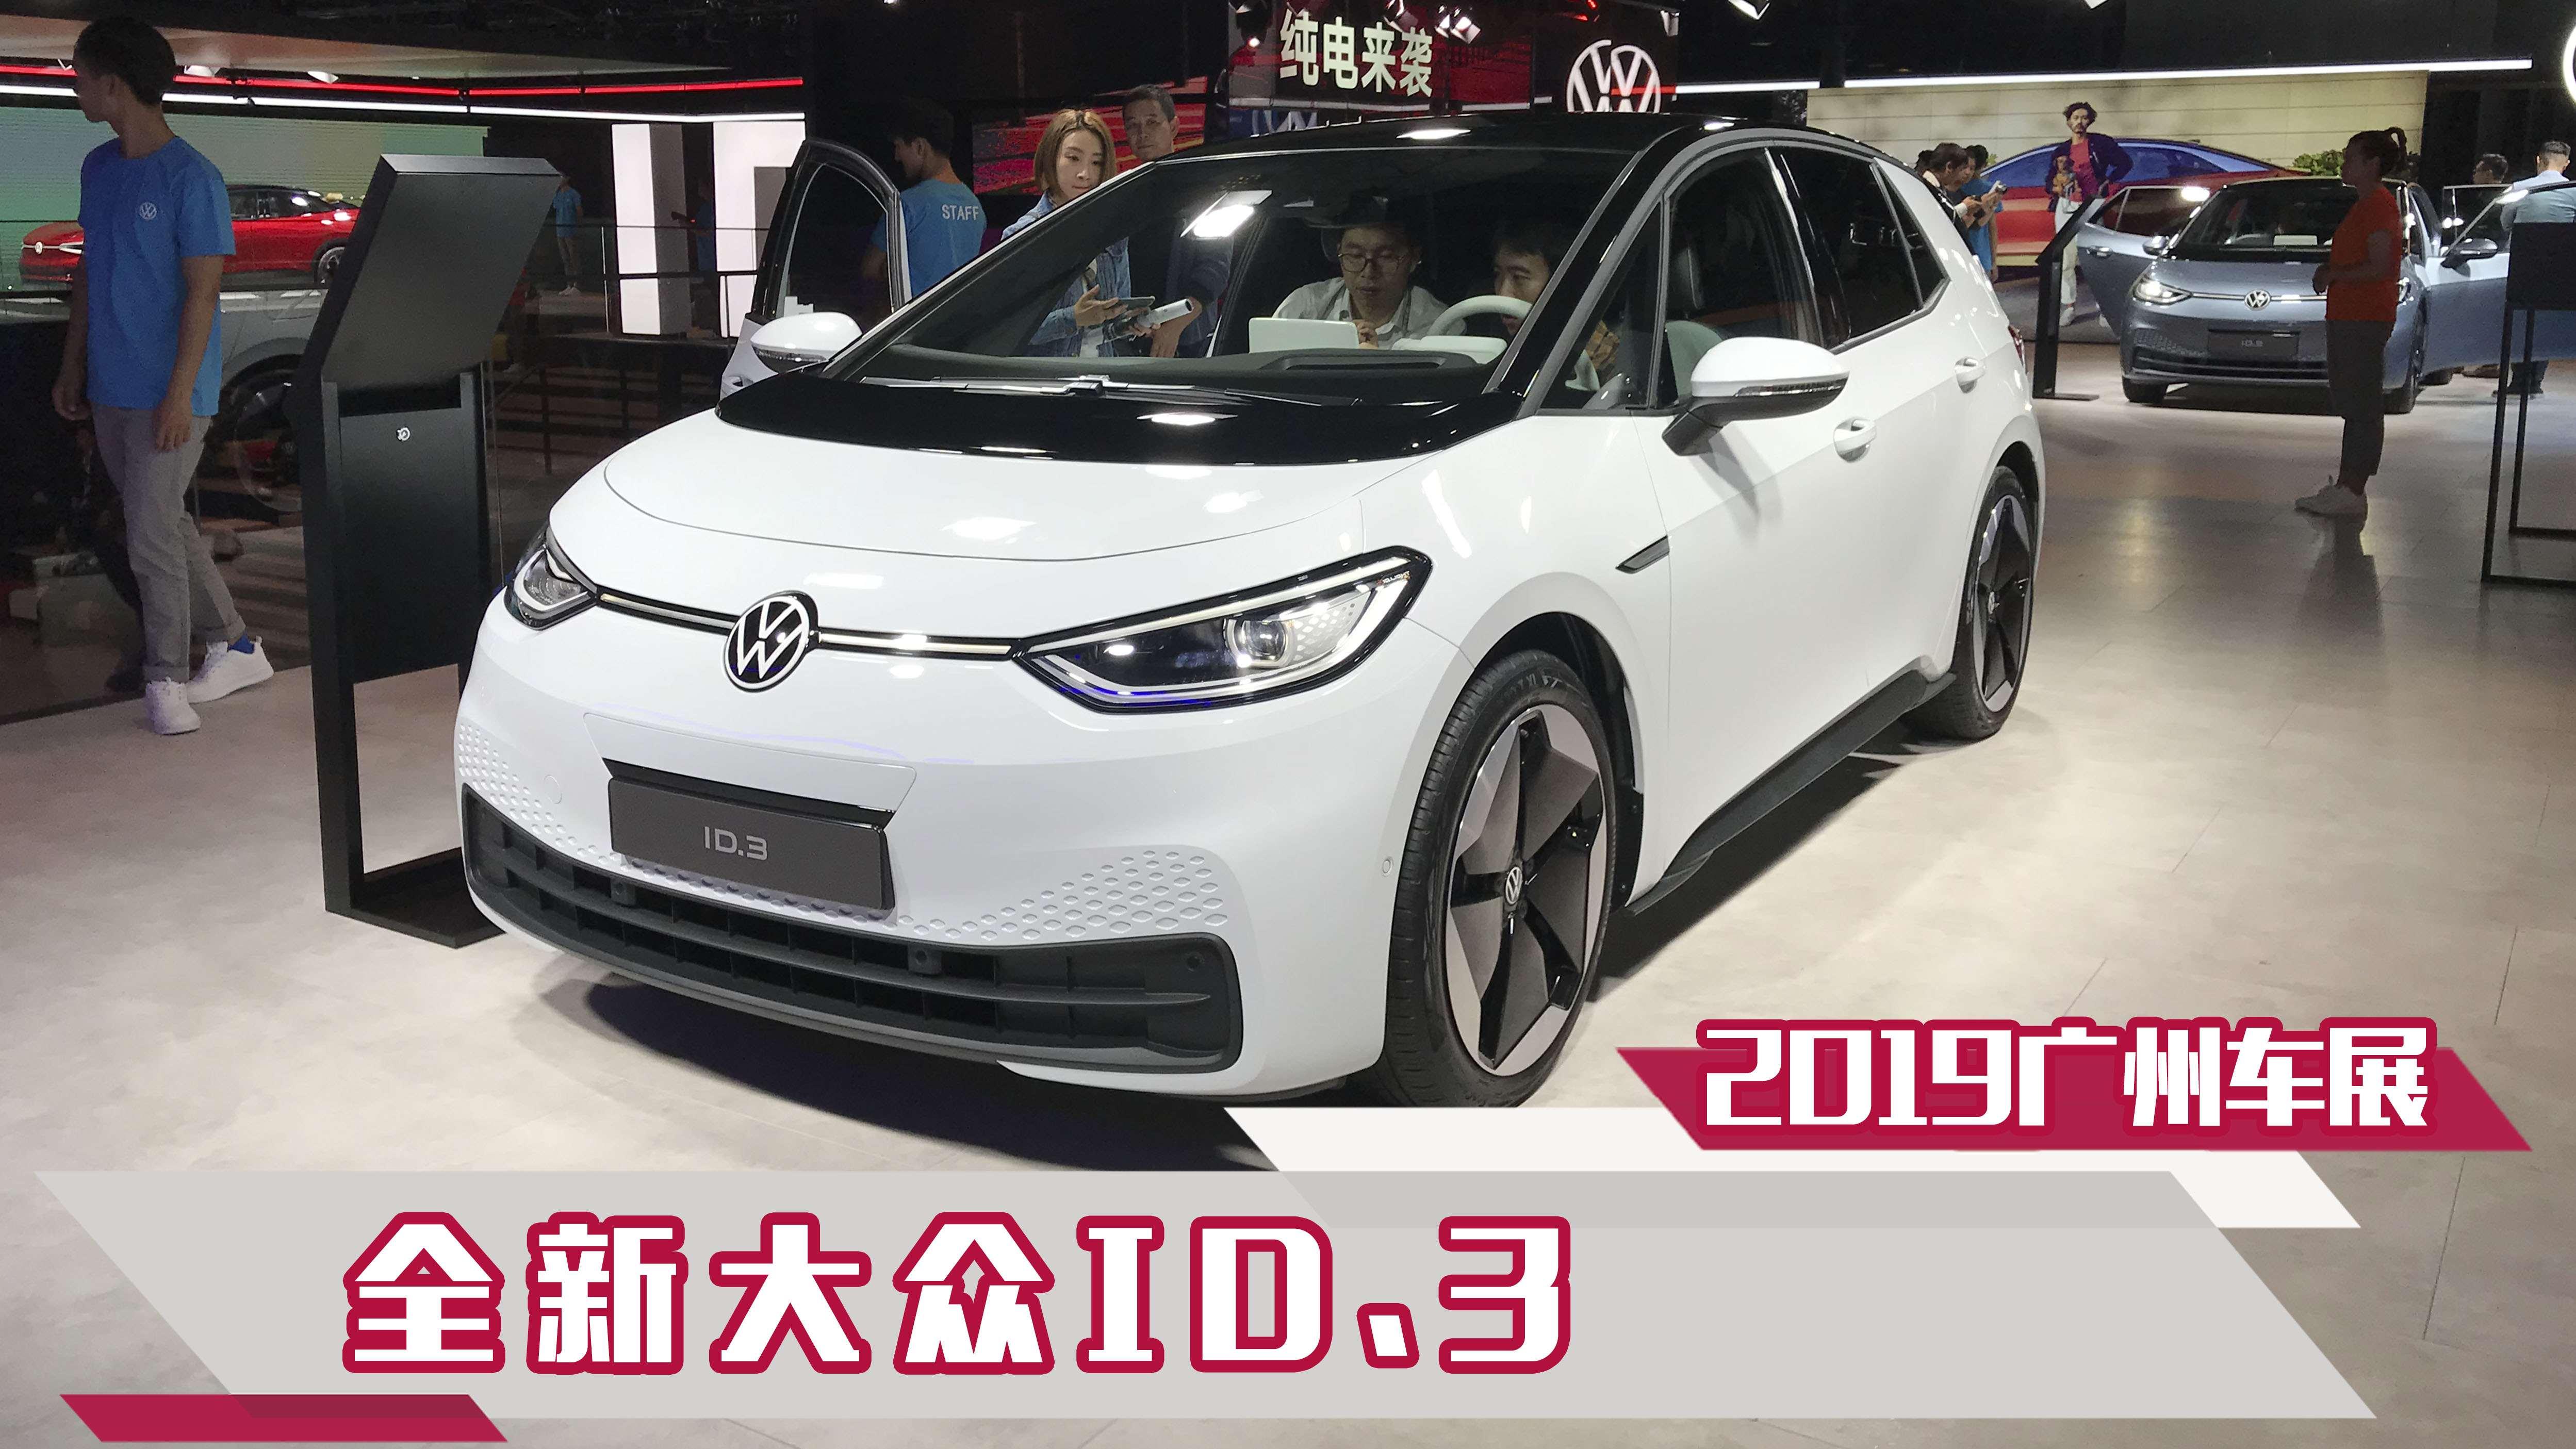 2019广州车展实拍全新大众ID.3,科技感十足